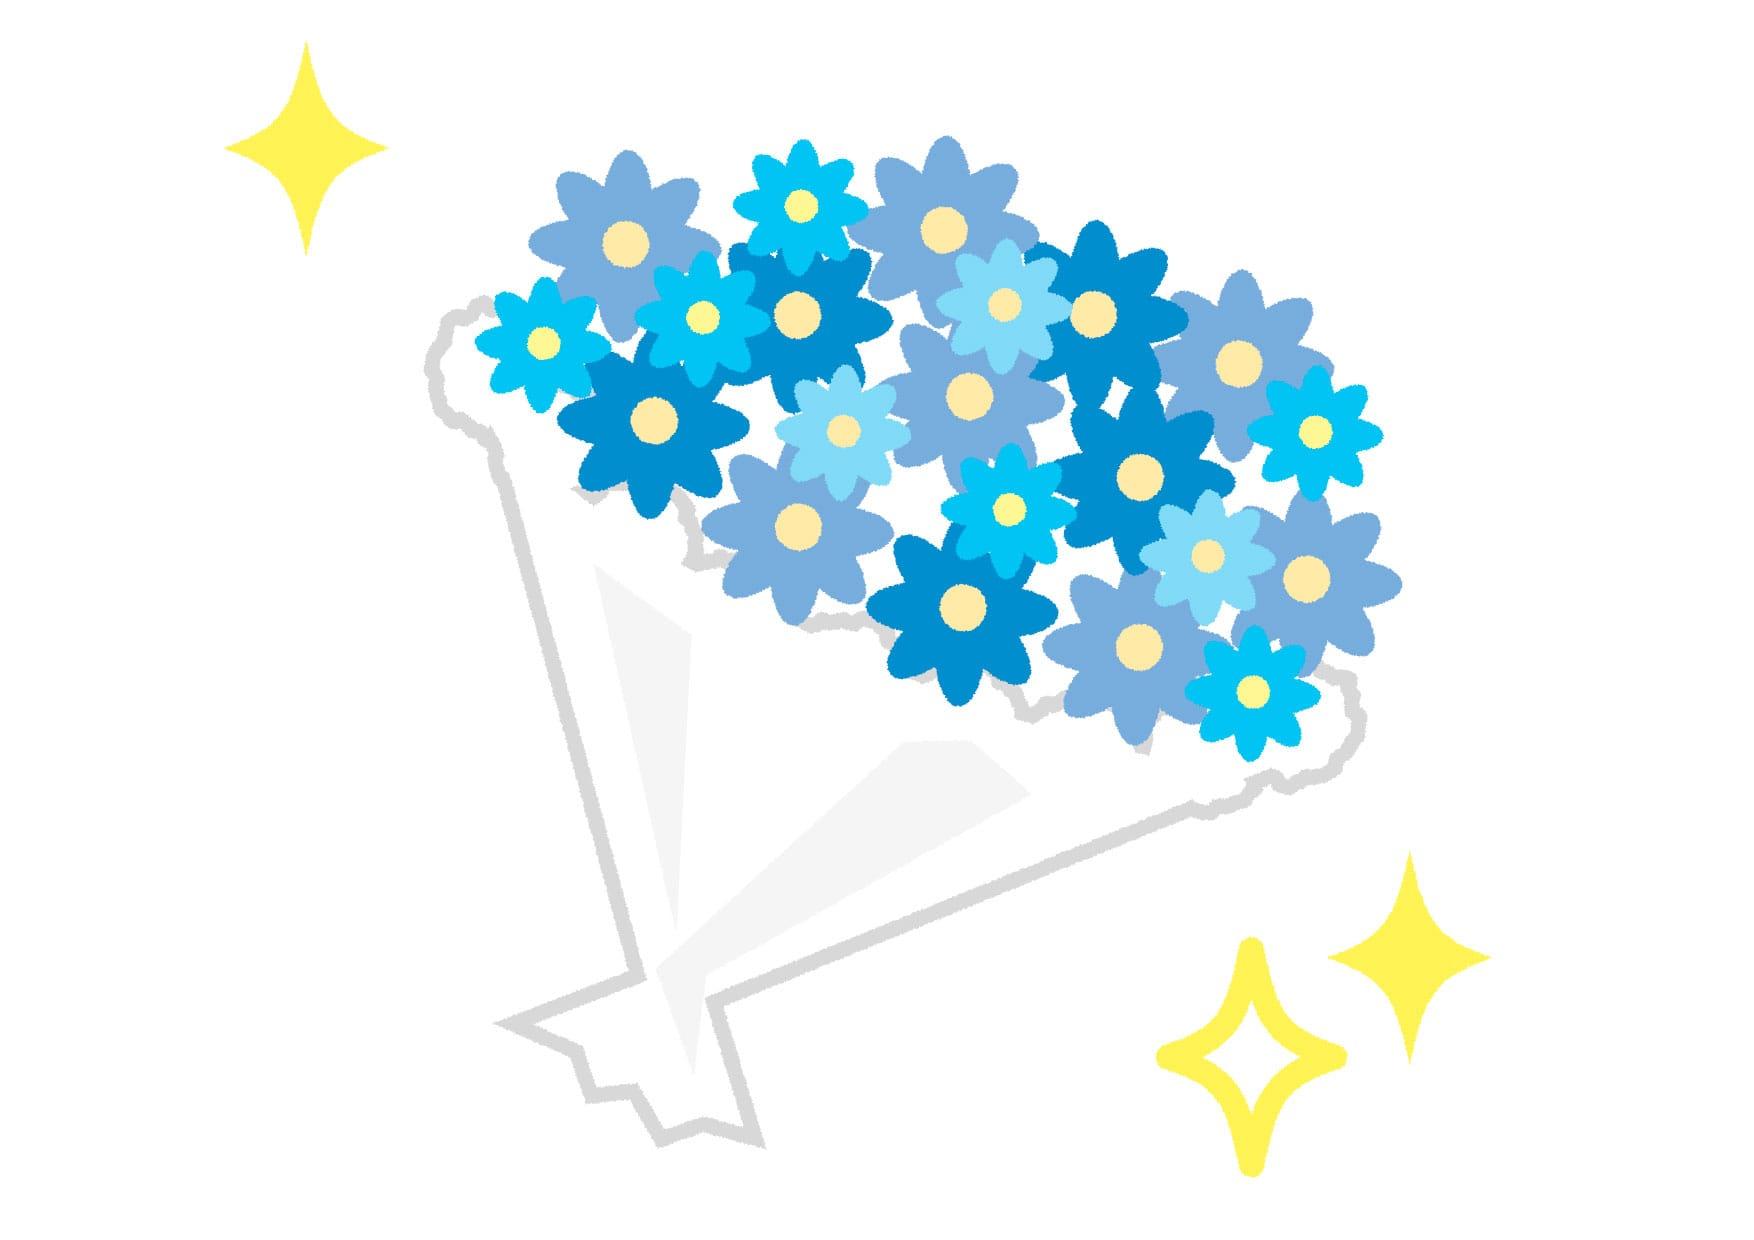 可愛いイラスト無料|花束 青色 キラキラ − free illustration Bouquet blue glitter